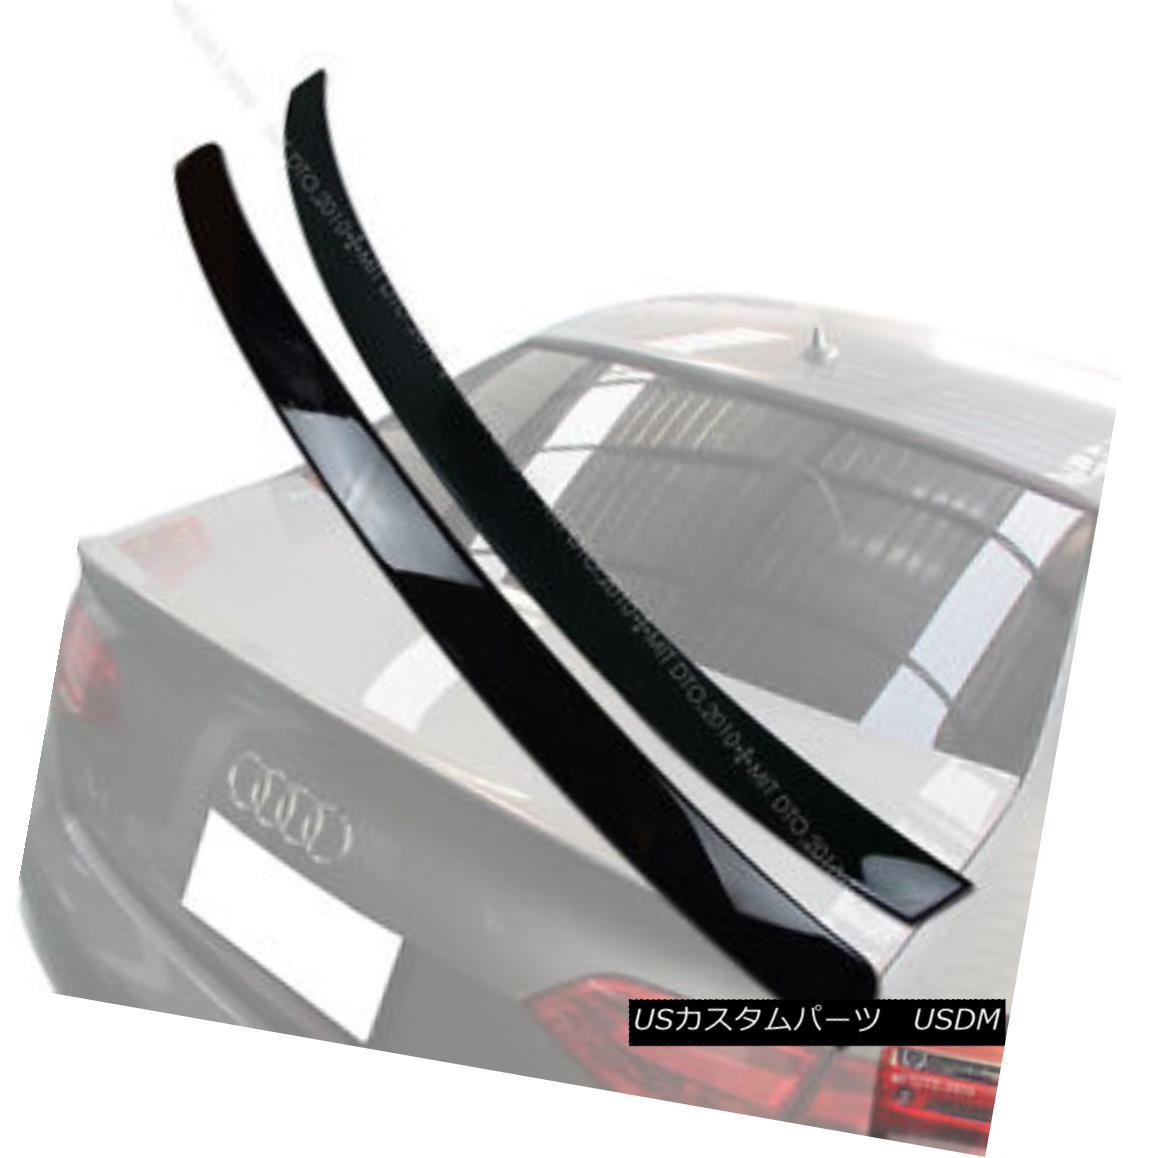 エアロパーツ Painted AUDI A4 B8 Rear Roof Spoiler & Trunk Spoiler Wing NEW 09-12 § 塗装AUDI A4 B8リアルーフスポイラー& トランク・スポイラー・ウィングNEW 09-12